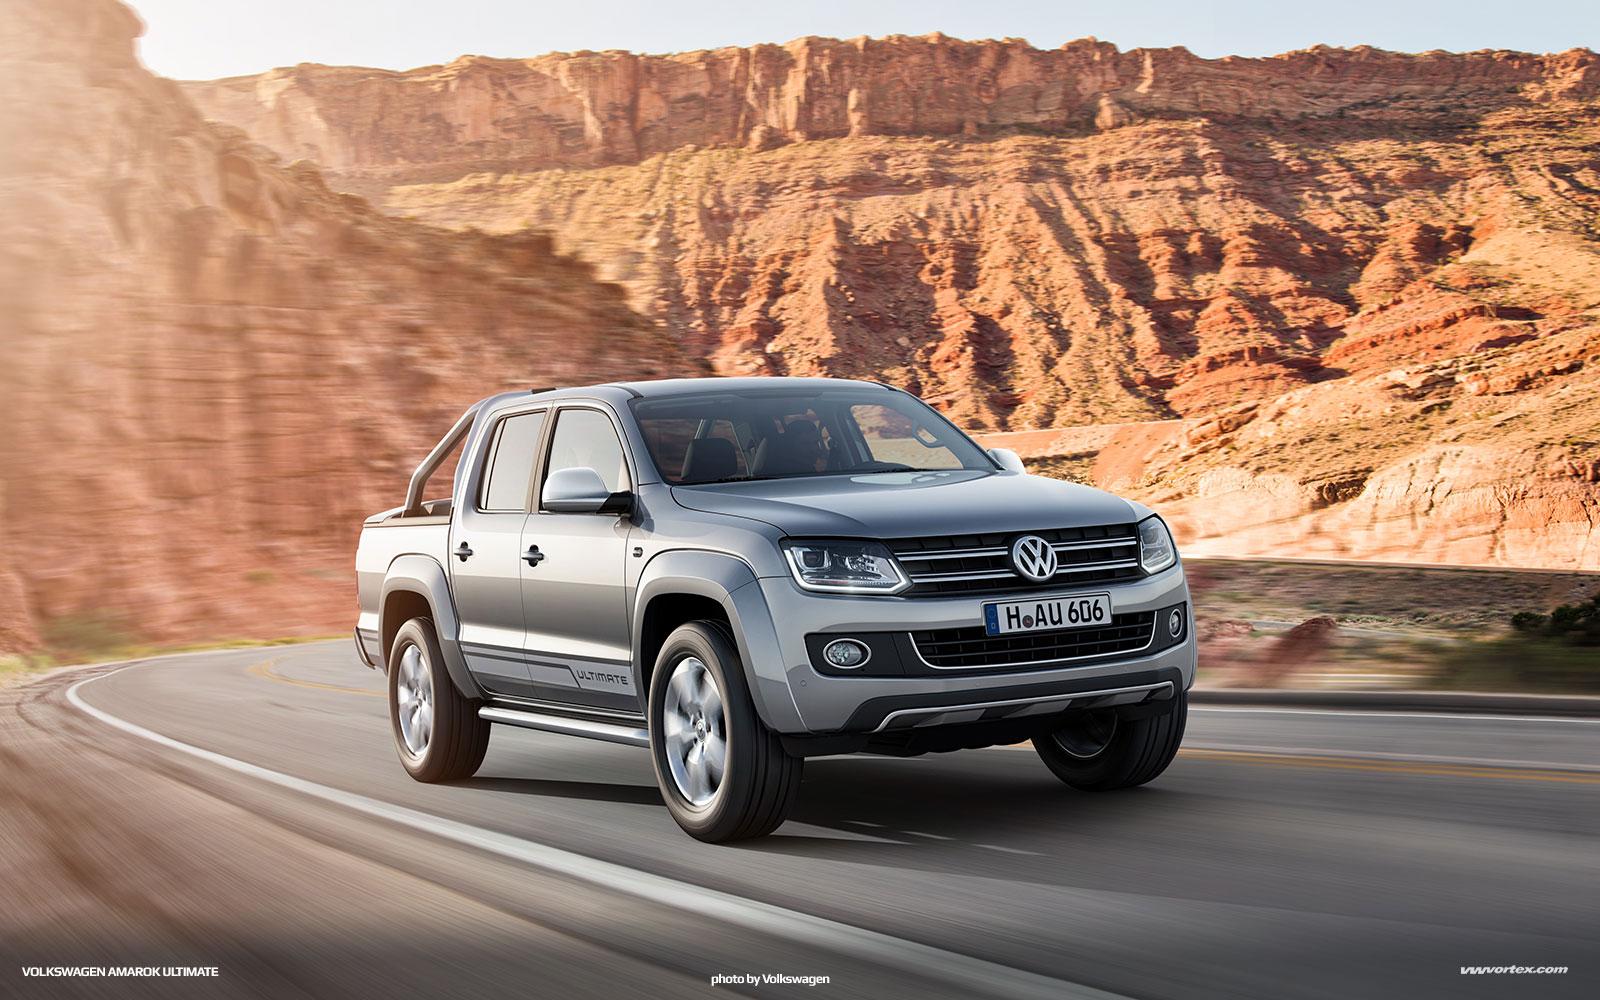 Volkswagen-Amarok-Ultimate-391